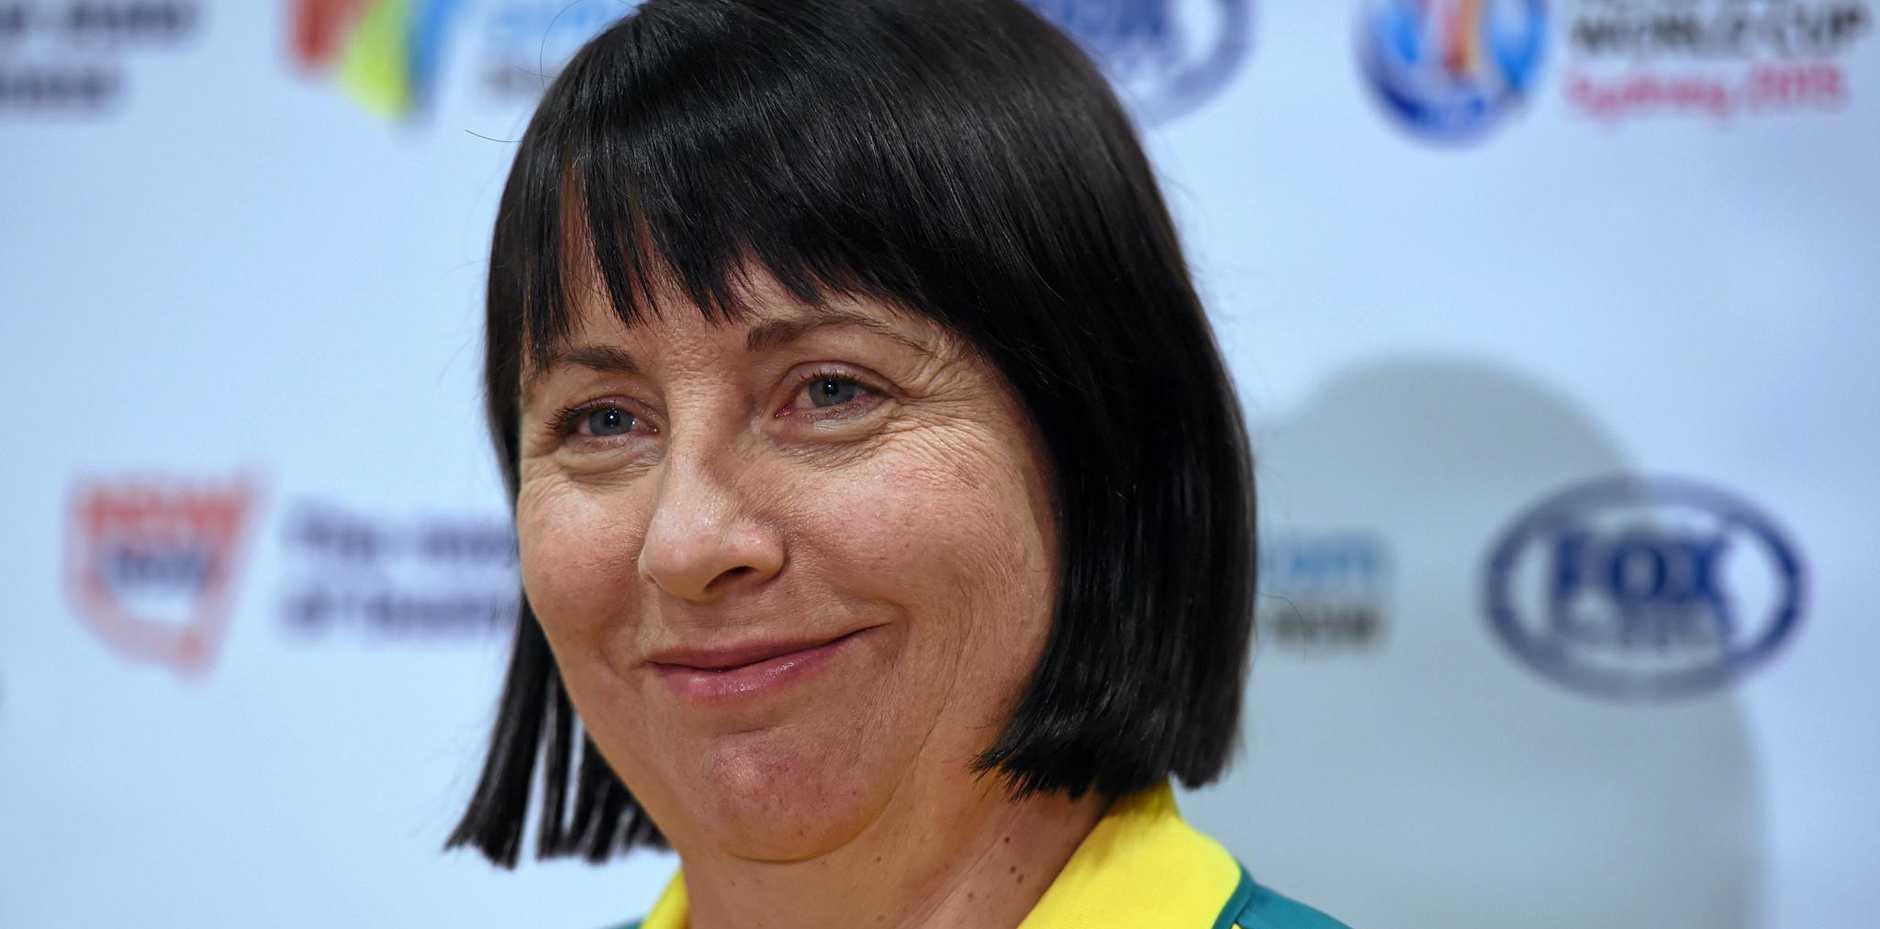 Australian netball team coach Lisa Alexander.